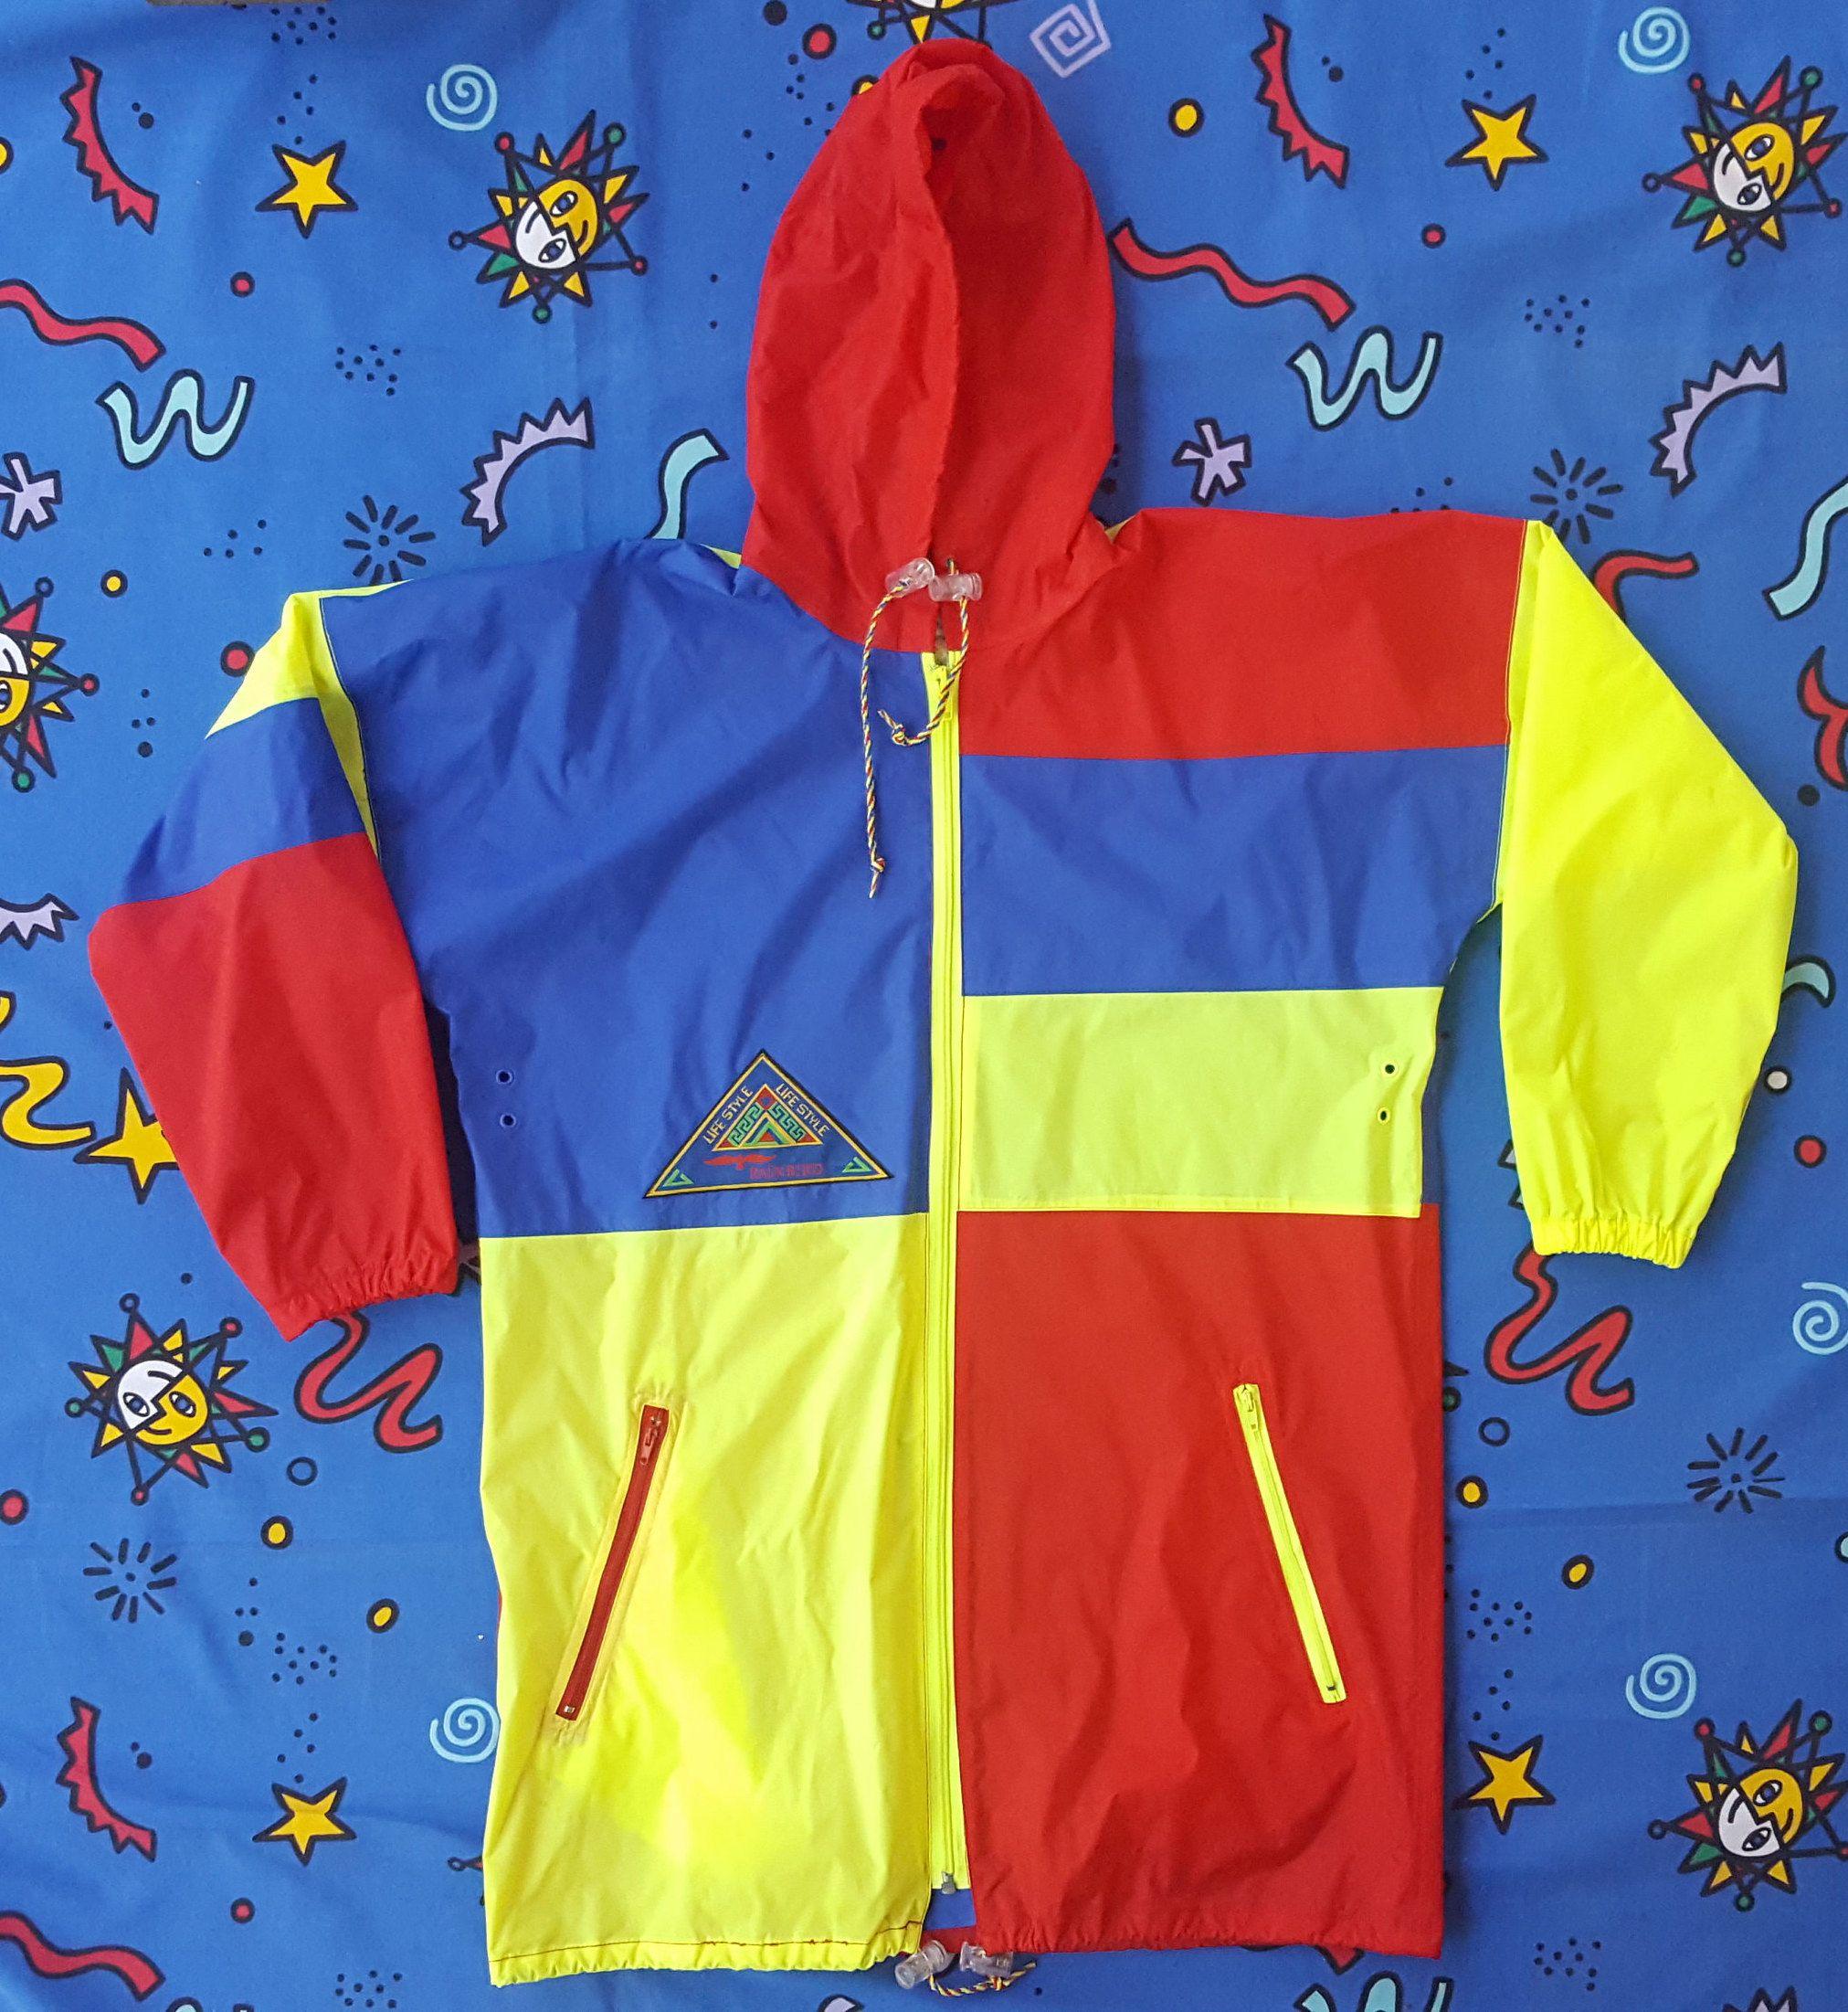 44cb011a3 Vintage 90s Colour Block Rain Coat, Rainbird Jacket, Spray Jacket, Club  Kid, Rave Jacket, Rain Jacket, Festival Gear, Size Medium, Rad by NEONPOINT  on Etsy